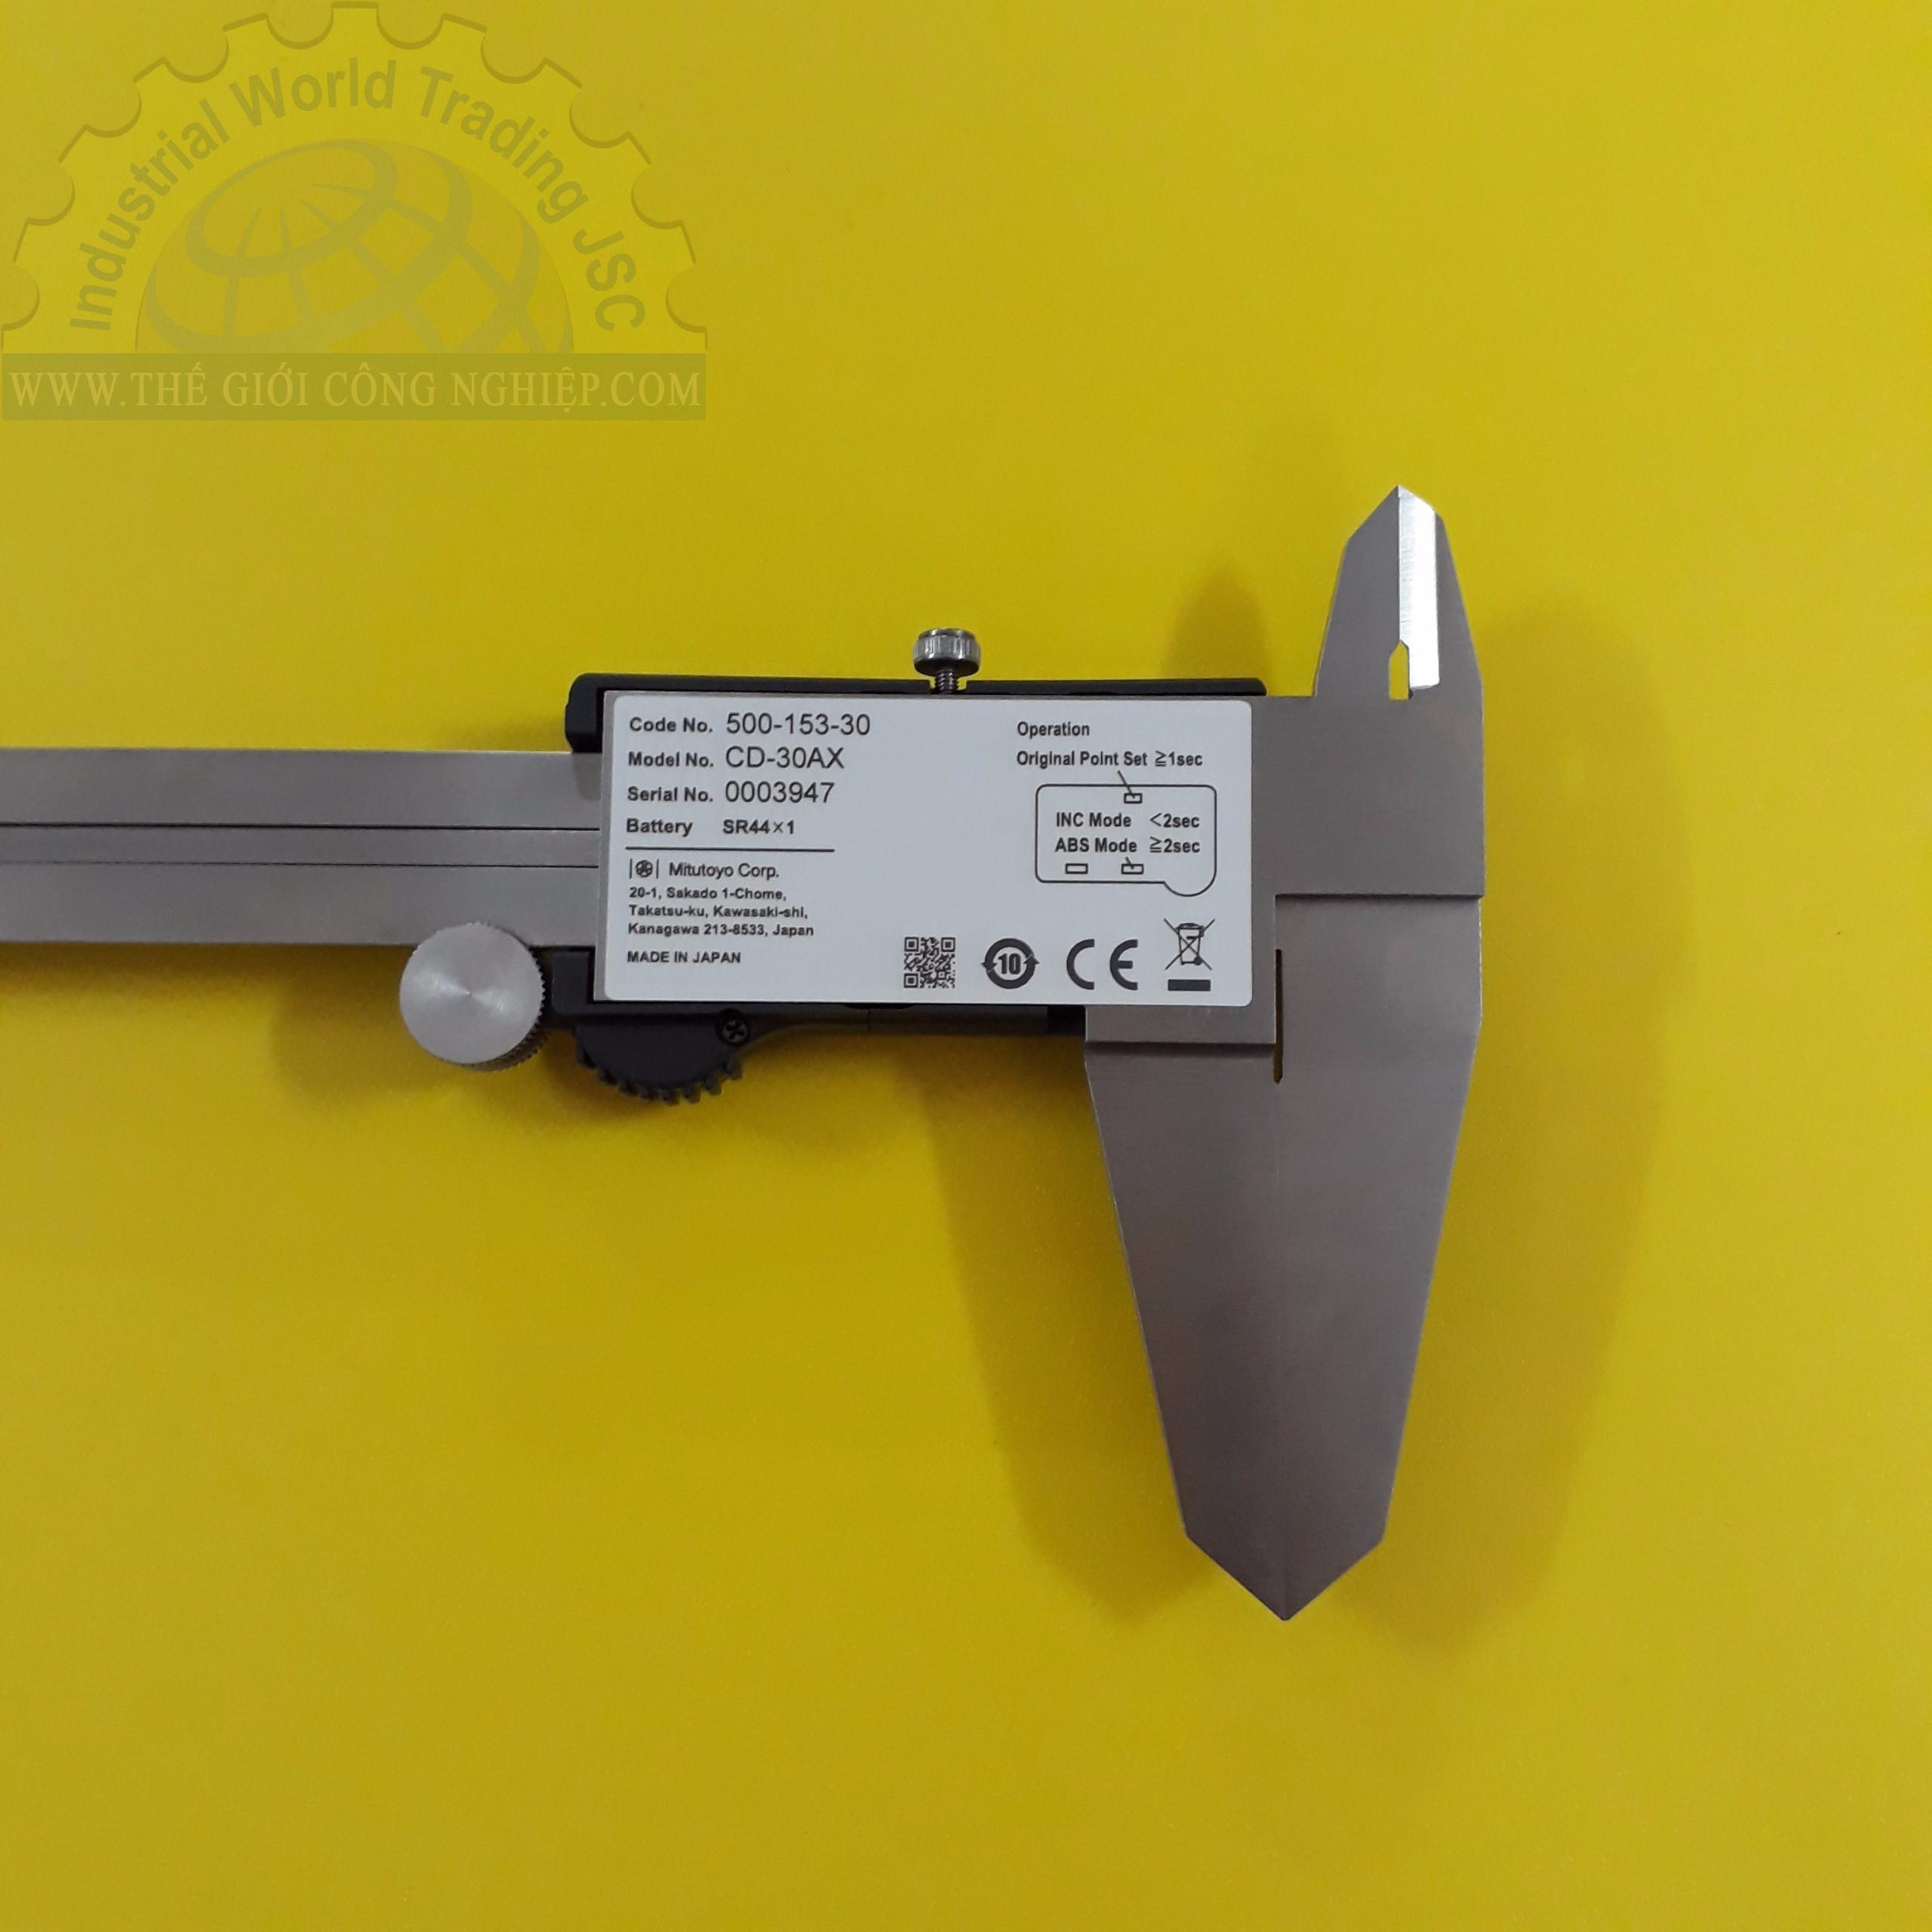 Thước cặp điện tử 300mm/0.01mm  500-153-30 MITUTOYO